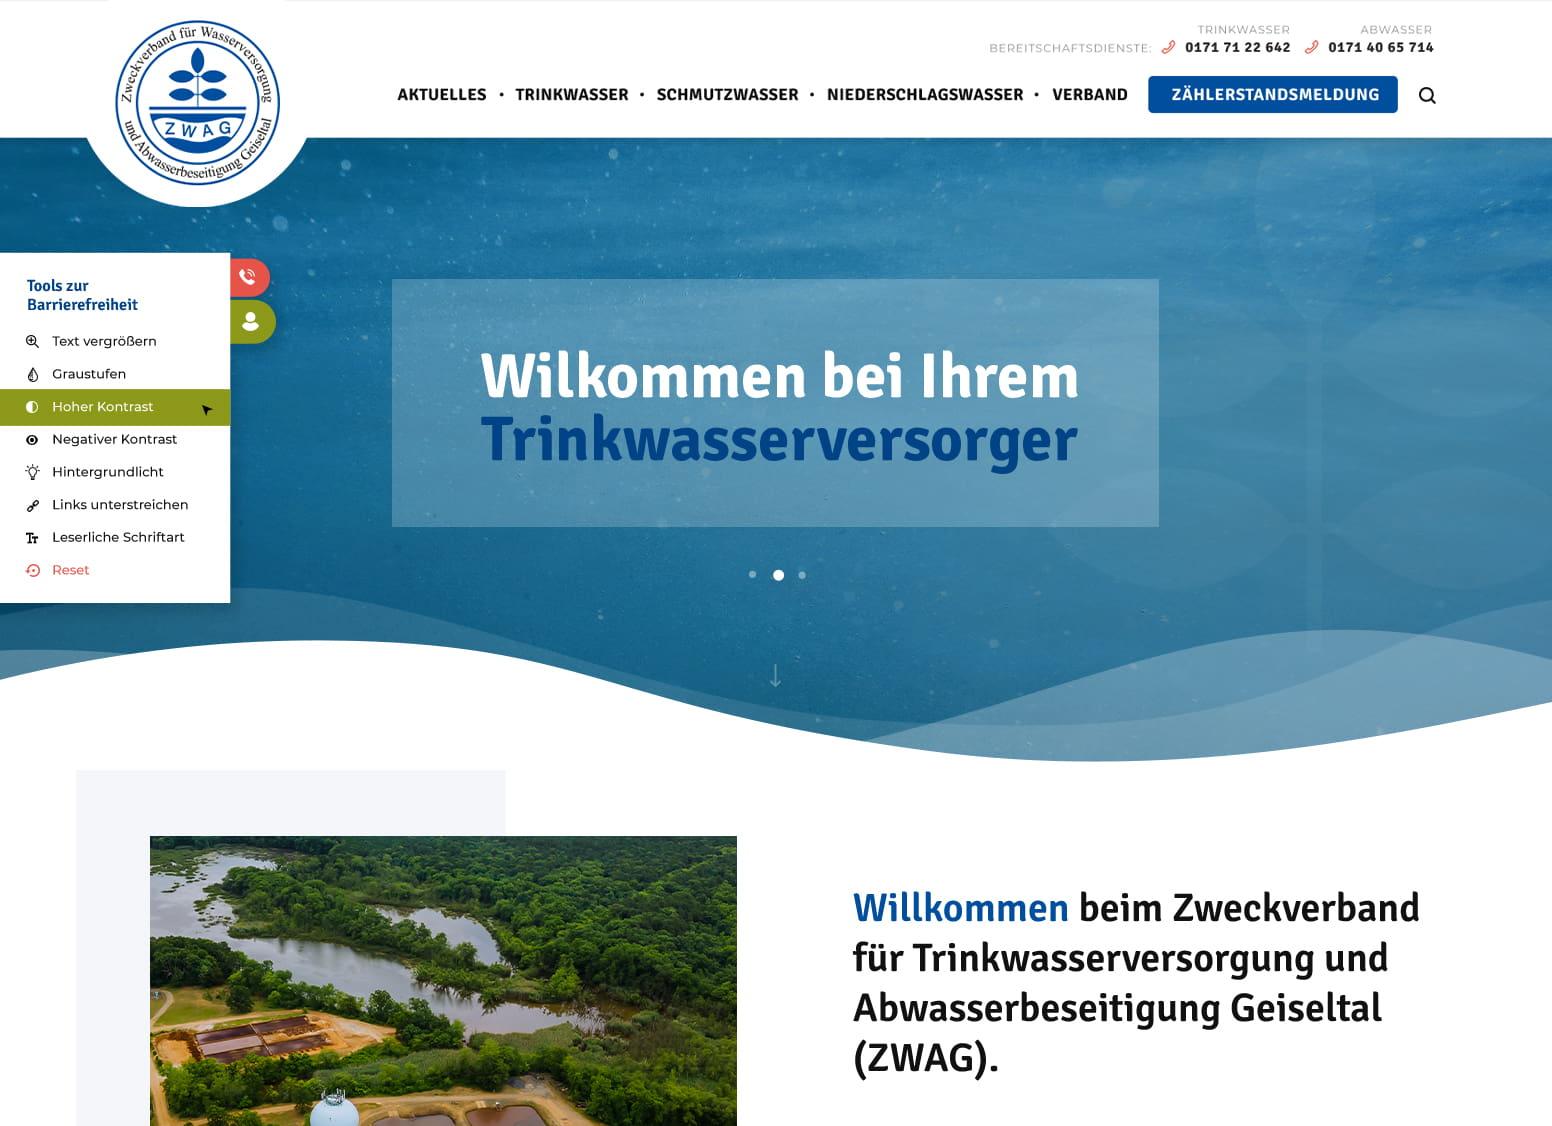 Startseite des Zweckverbands für Wasserversorgung und Abwasserbeseitigung Geiseltal zeigt Unterwasser-Foto im frischen Blau mit spritzigen Luftblasen